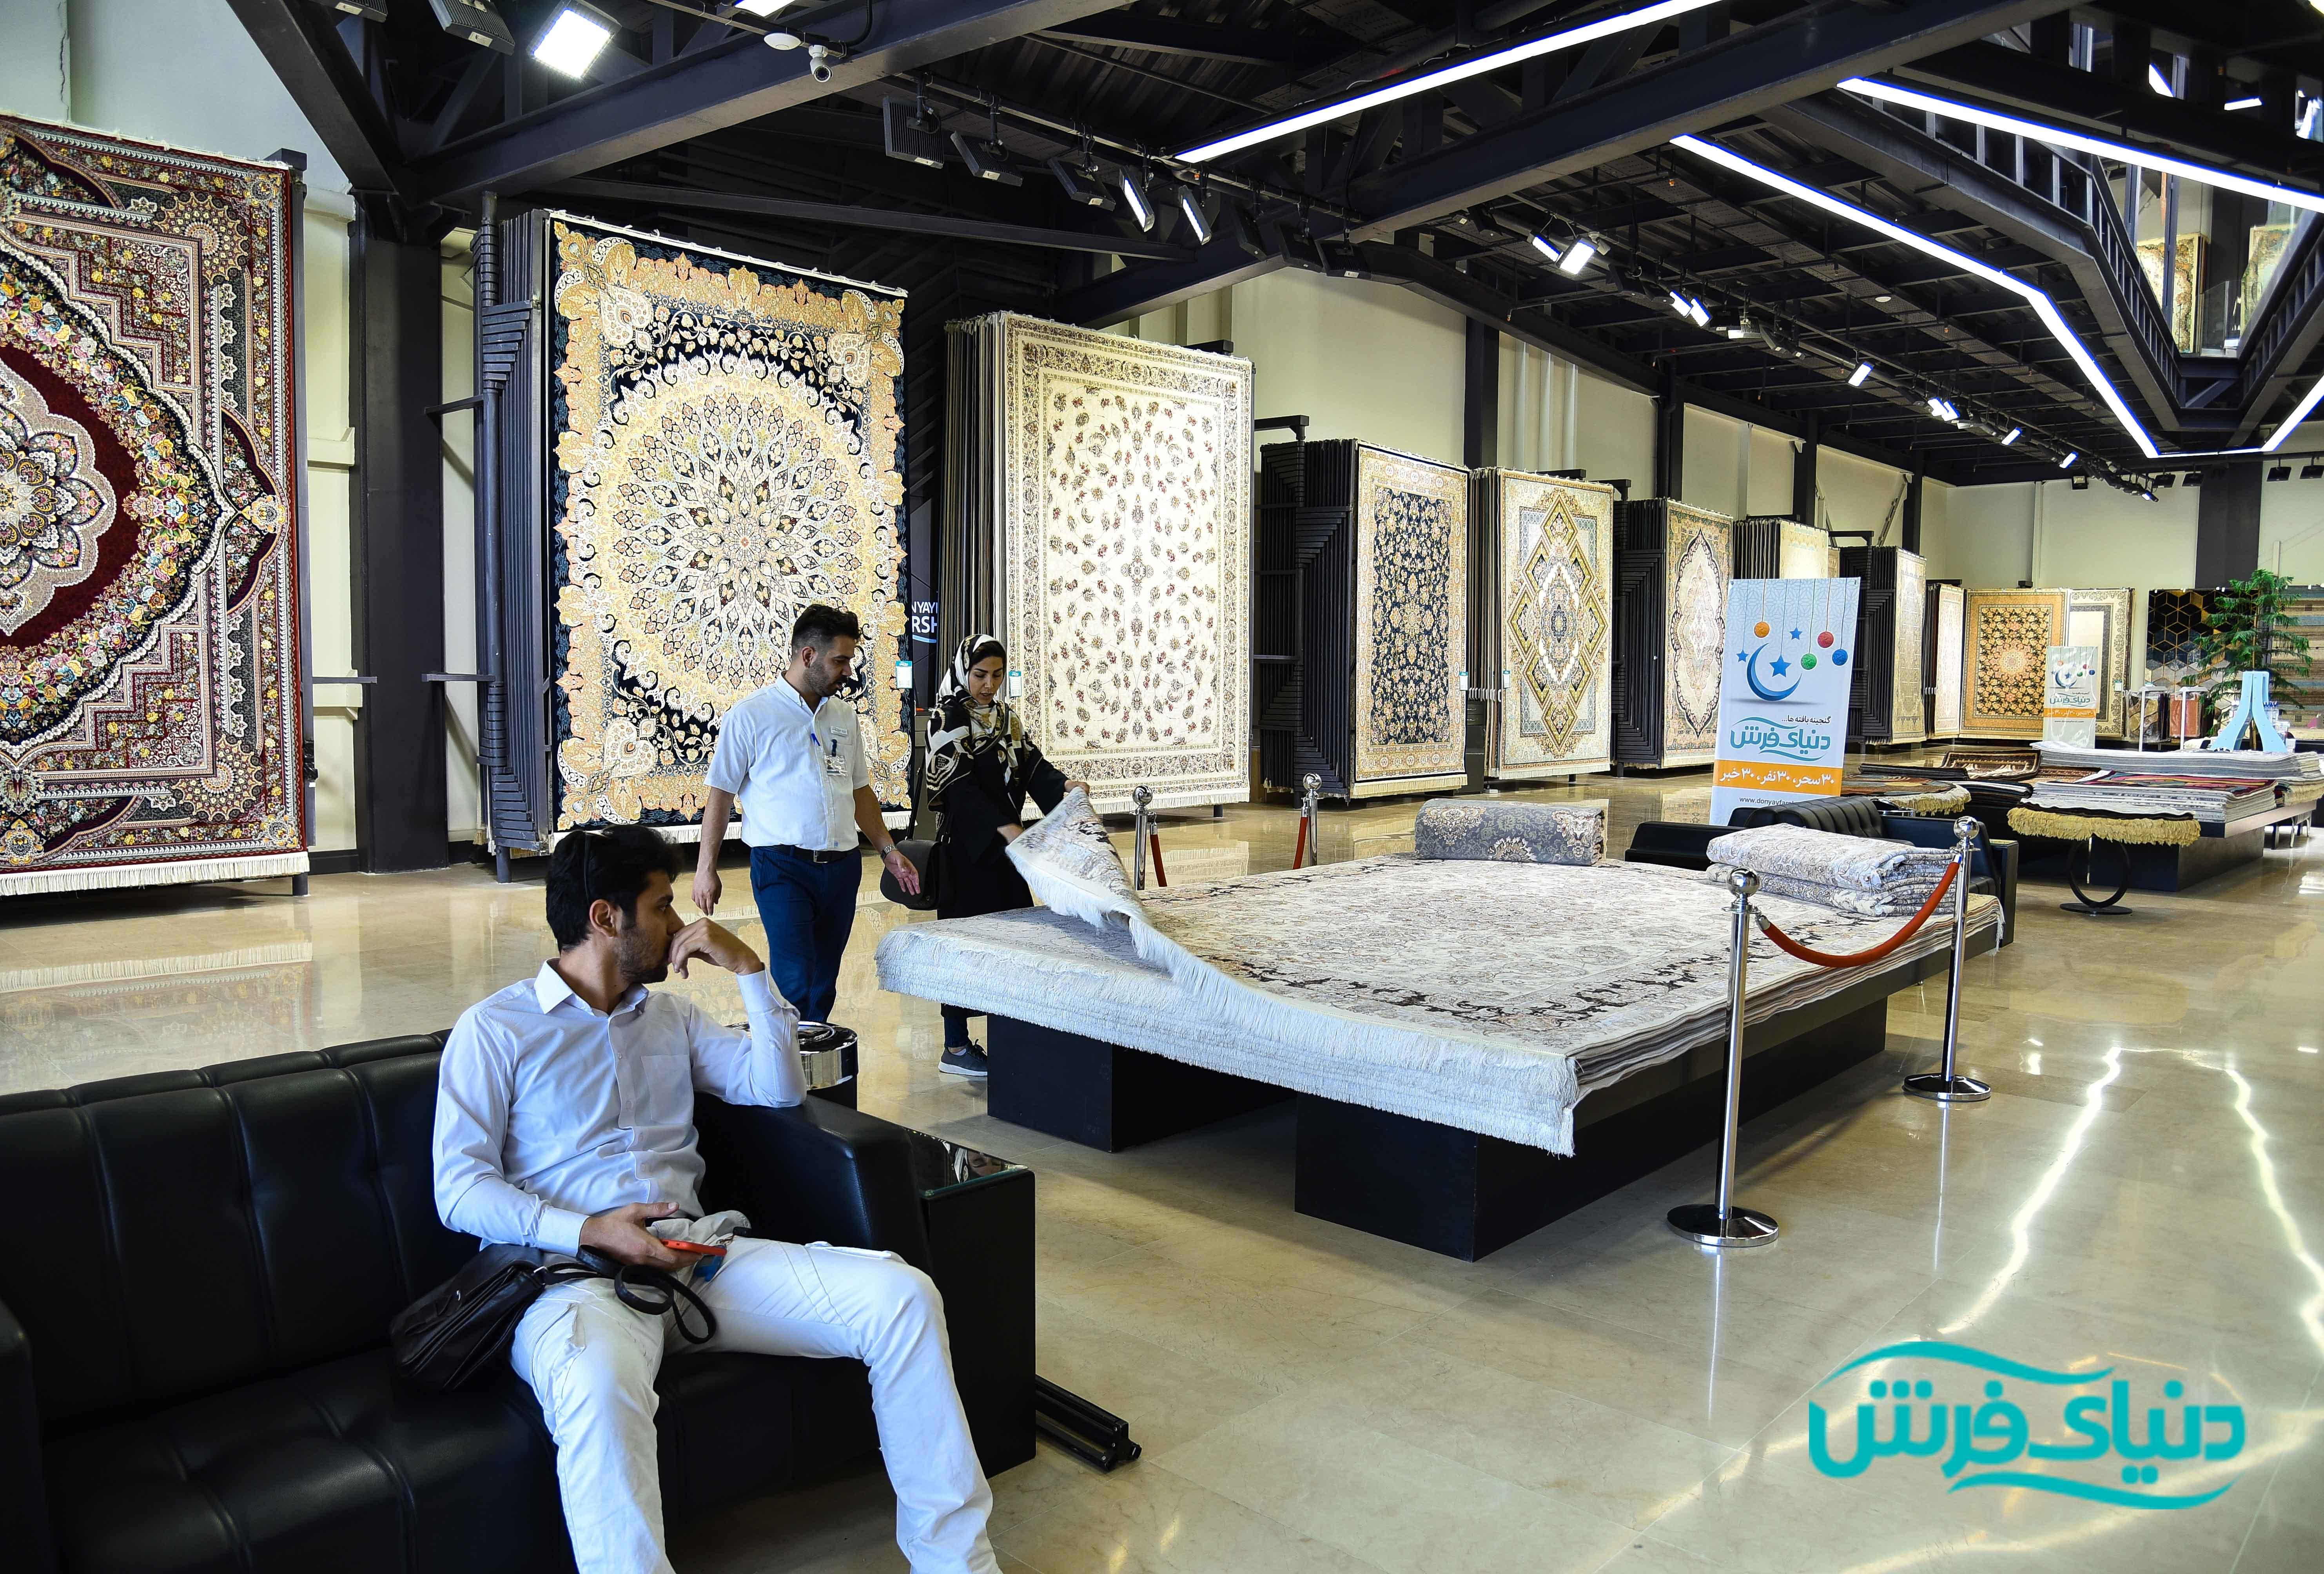 فرش/فرش ماشینی/ دنیای فرش/ خرید اینترنتی فرش ماشینی/همگام نت/فرش ایرانی/ خرید فرش/ فرش ماشینی مشکی/ فروشگاه دنیای فرش